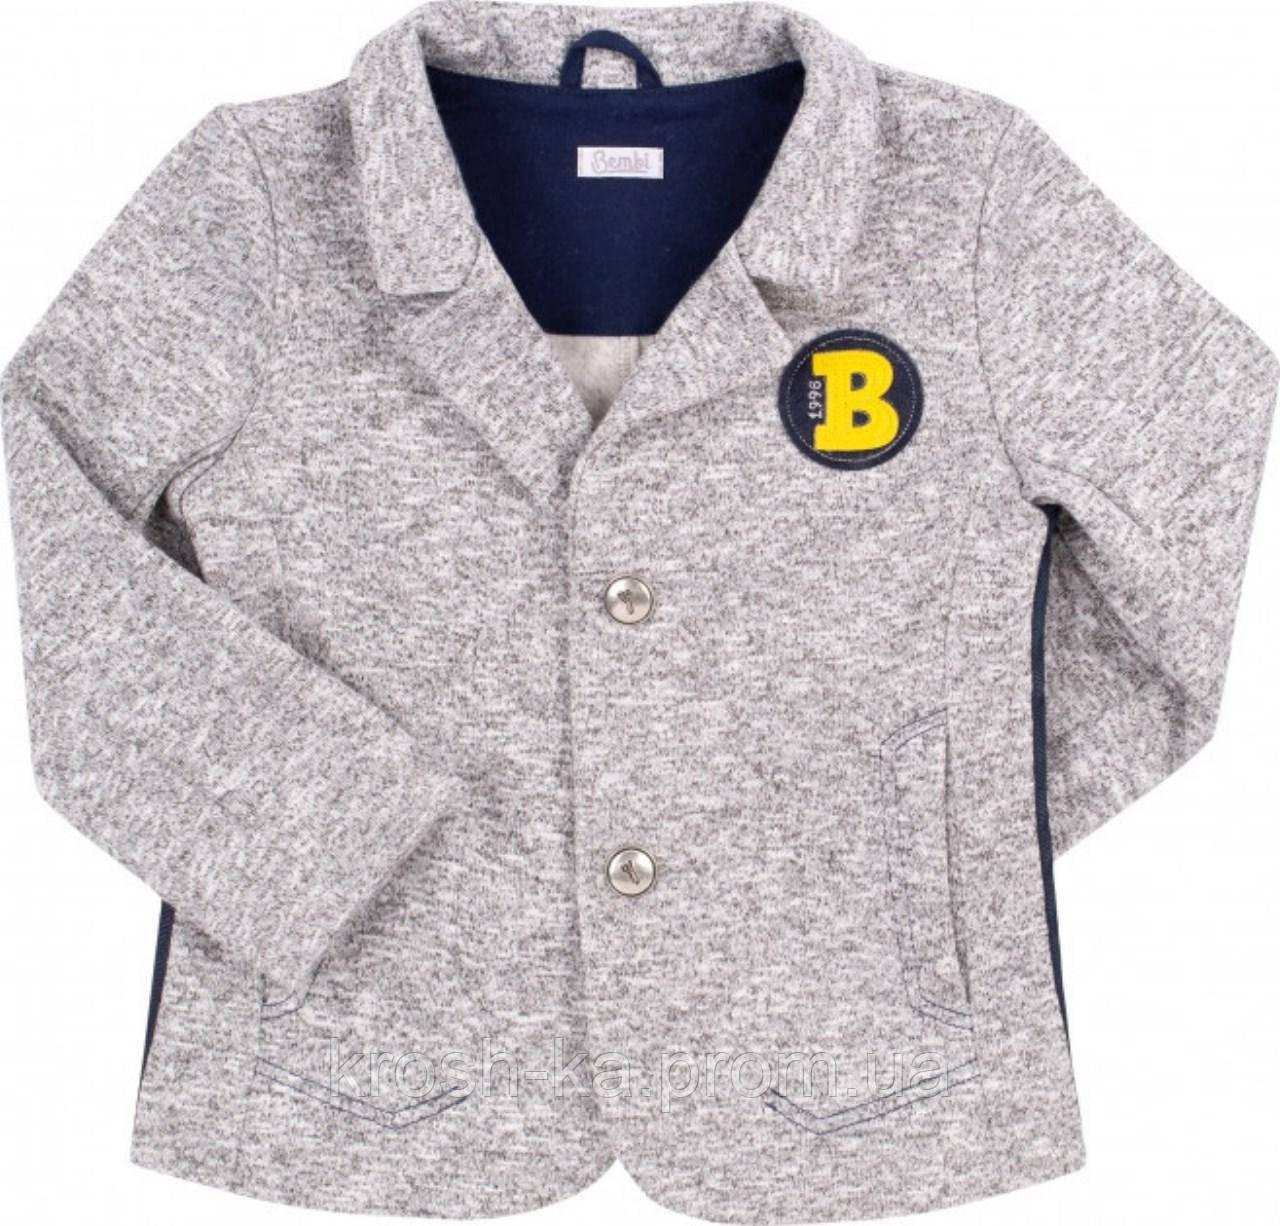 Пиджак для мальчика серый меланж (116-140)р (Bembi)Бемби Украина ЖК20